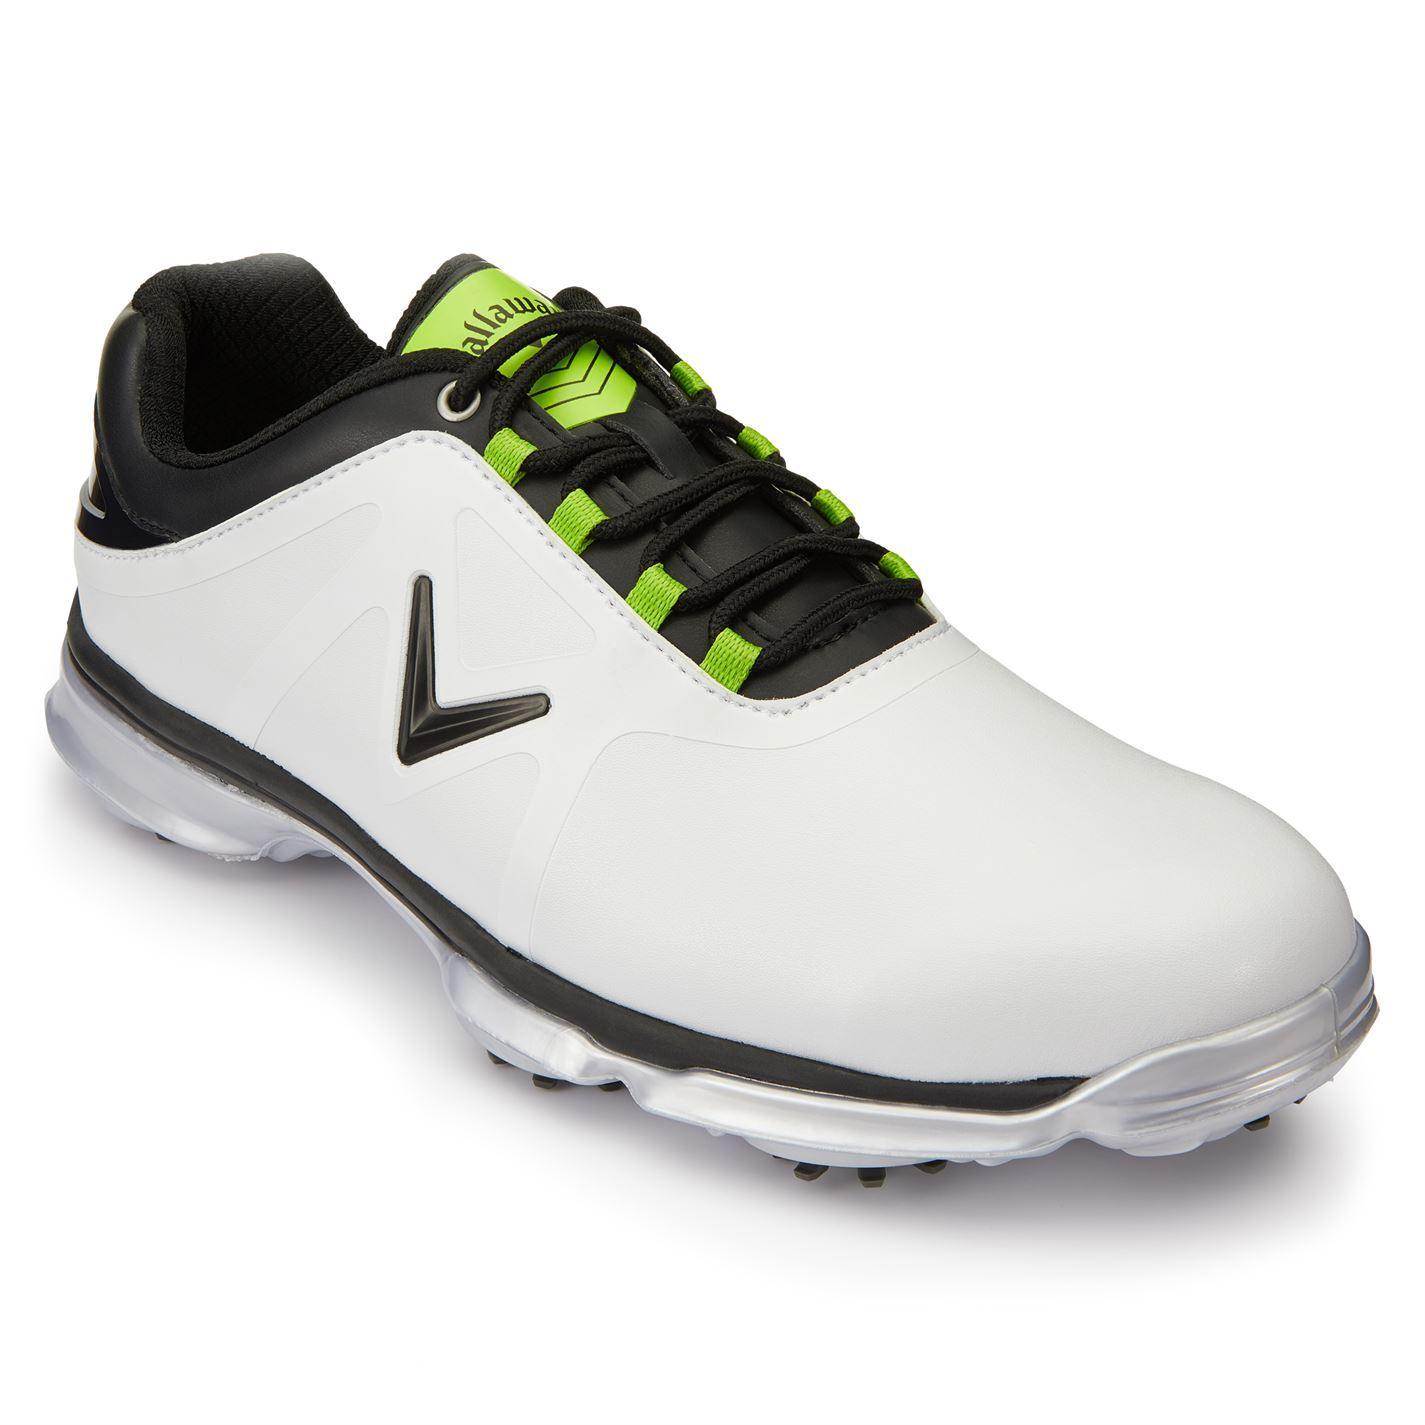 Callaway-XTT-Comfort-Spiked-Golf-Shoes-Mens-Spikes-Footwear thumbnail 13